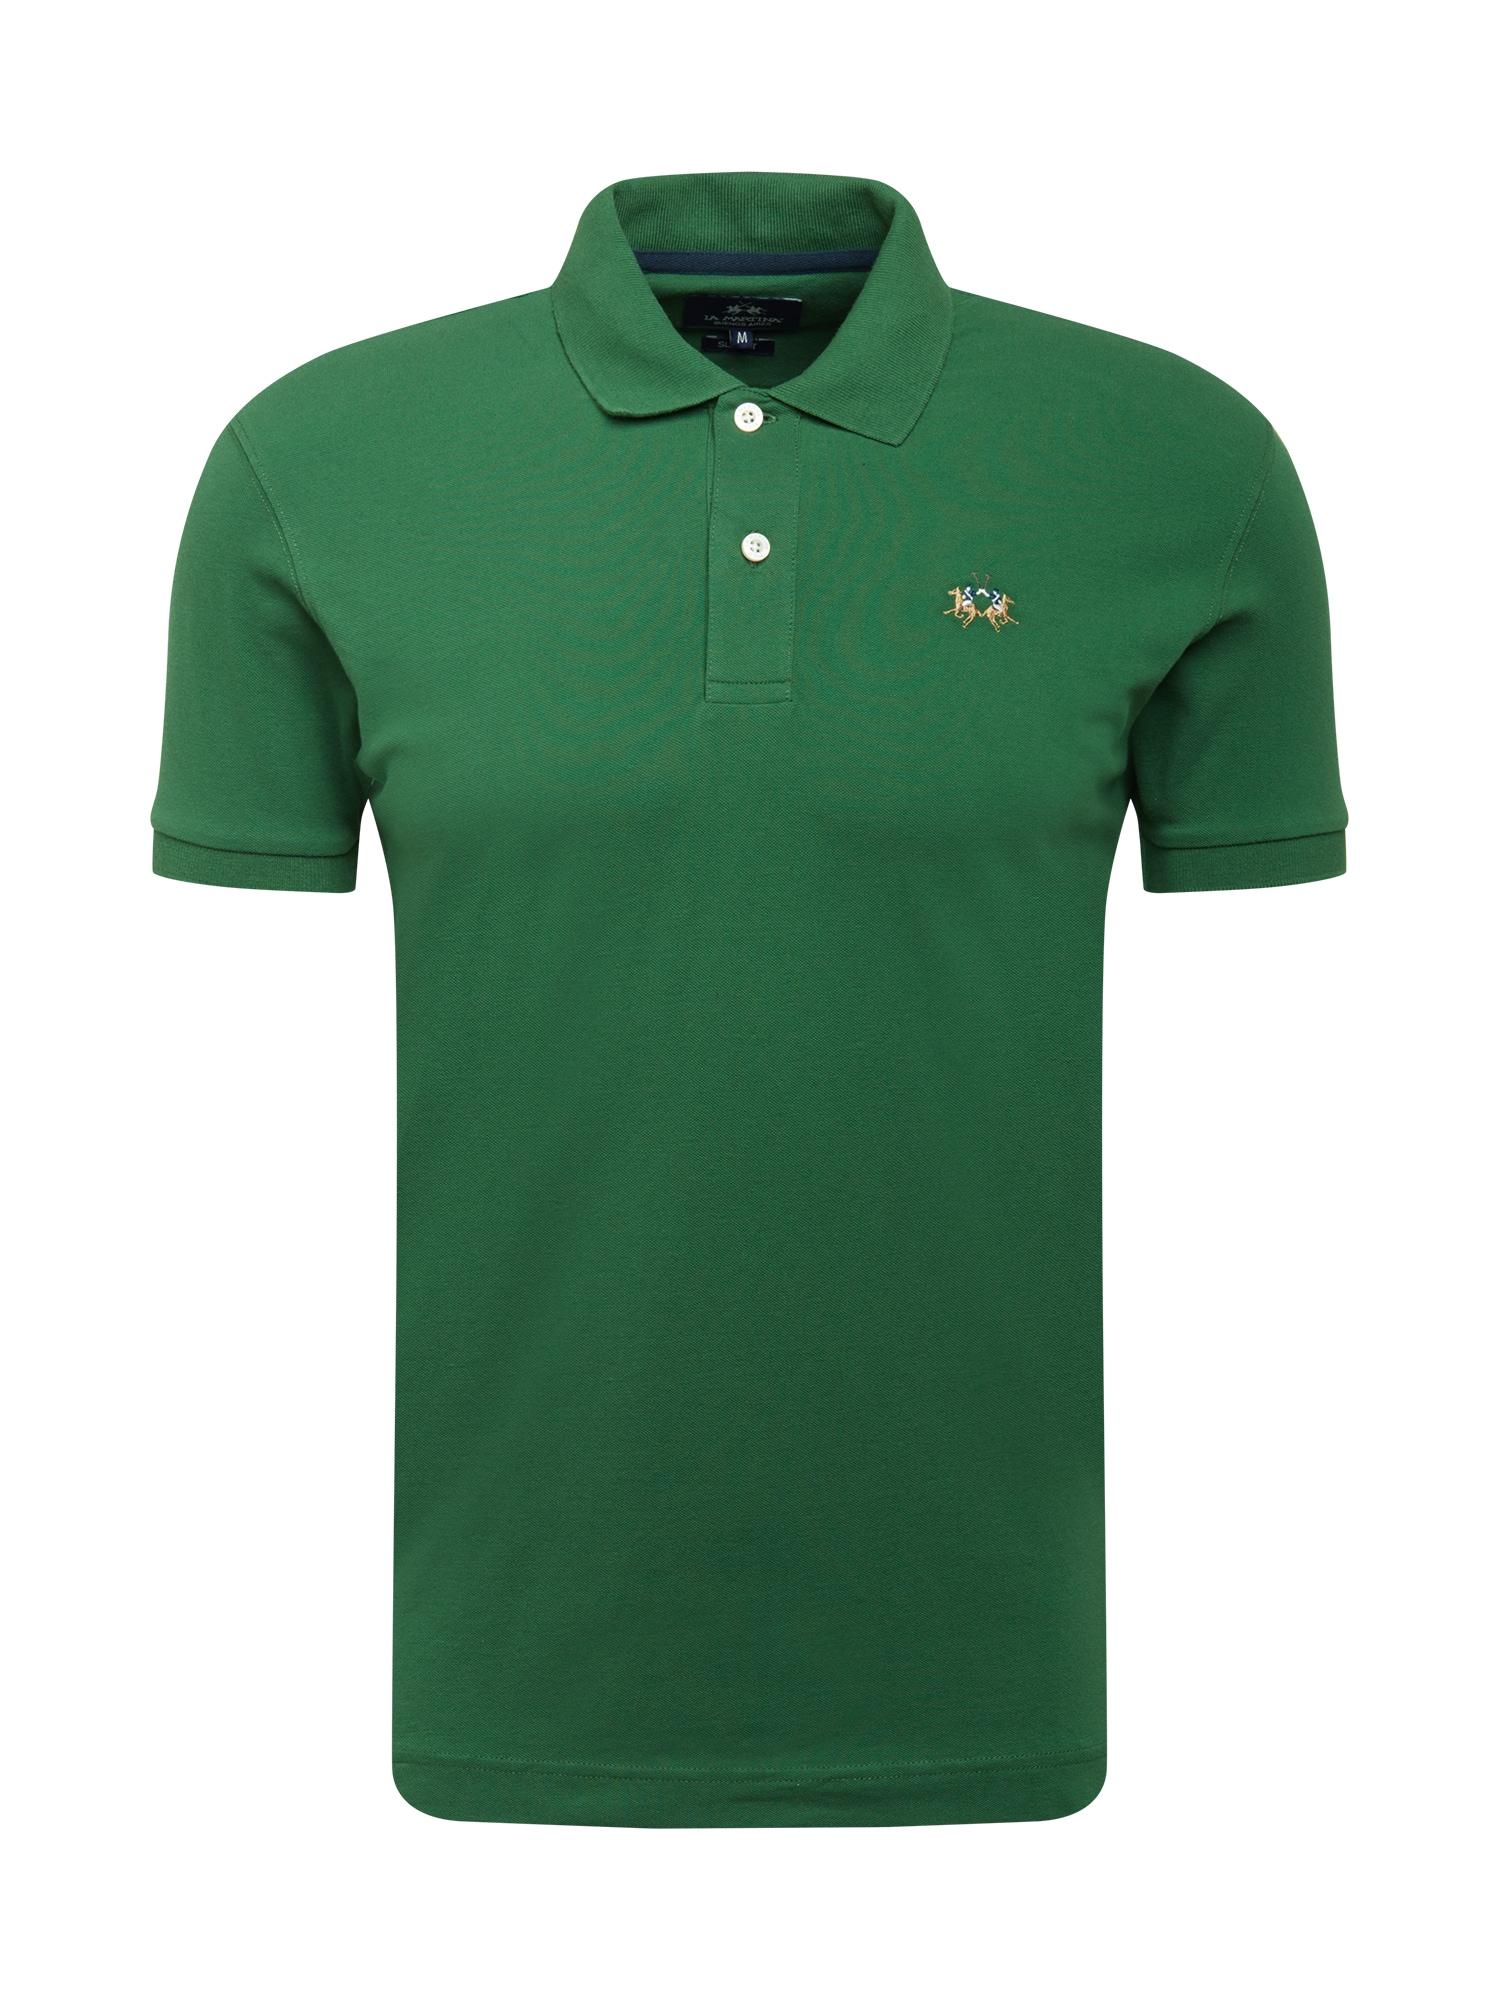 La Martina Marškinėliai žolės žalia / gelsvai pilka spalva